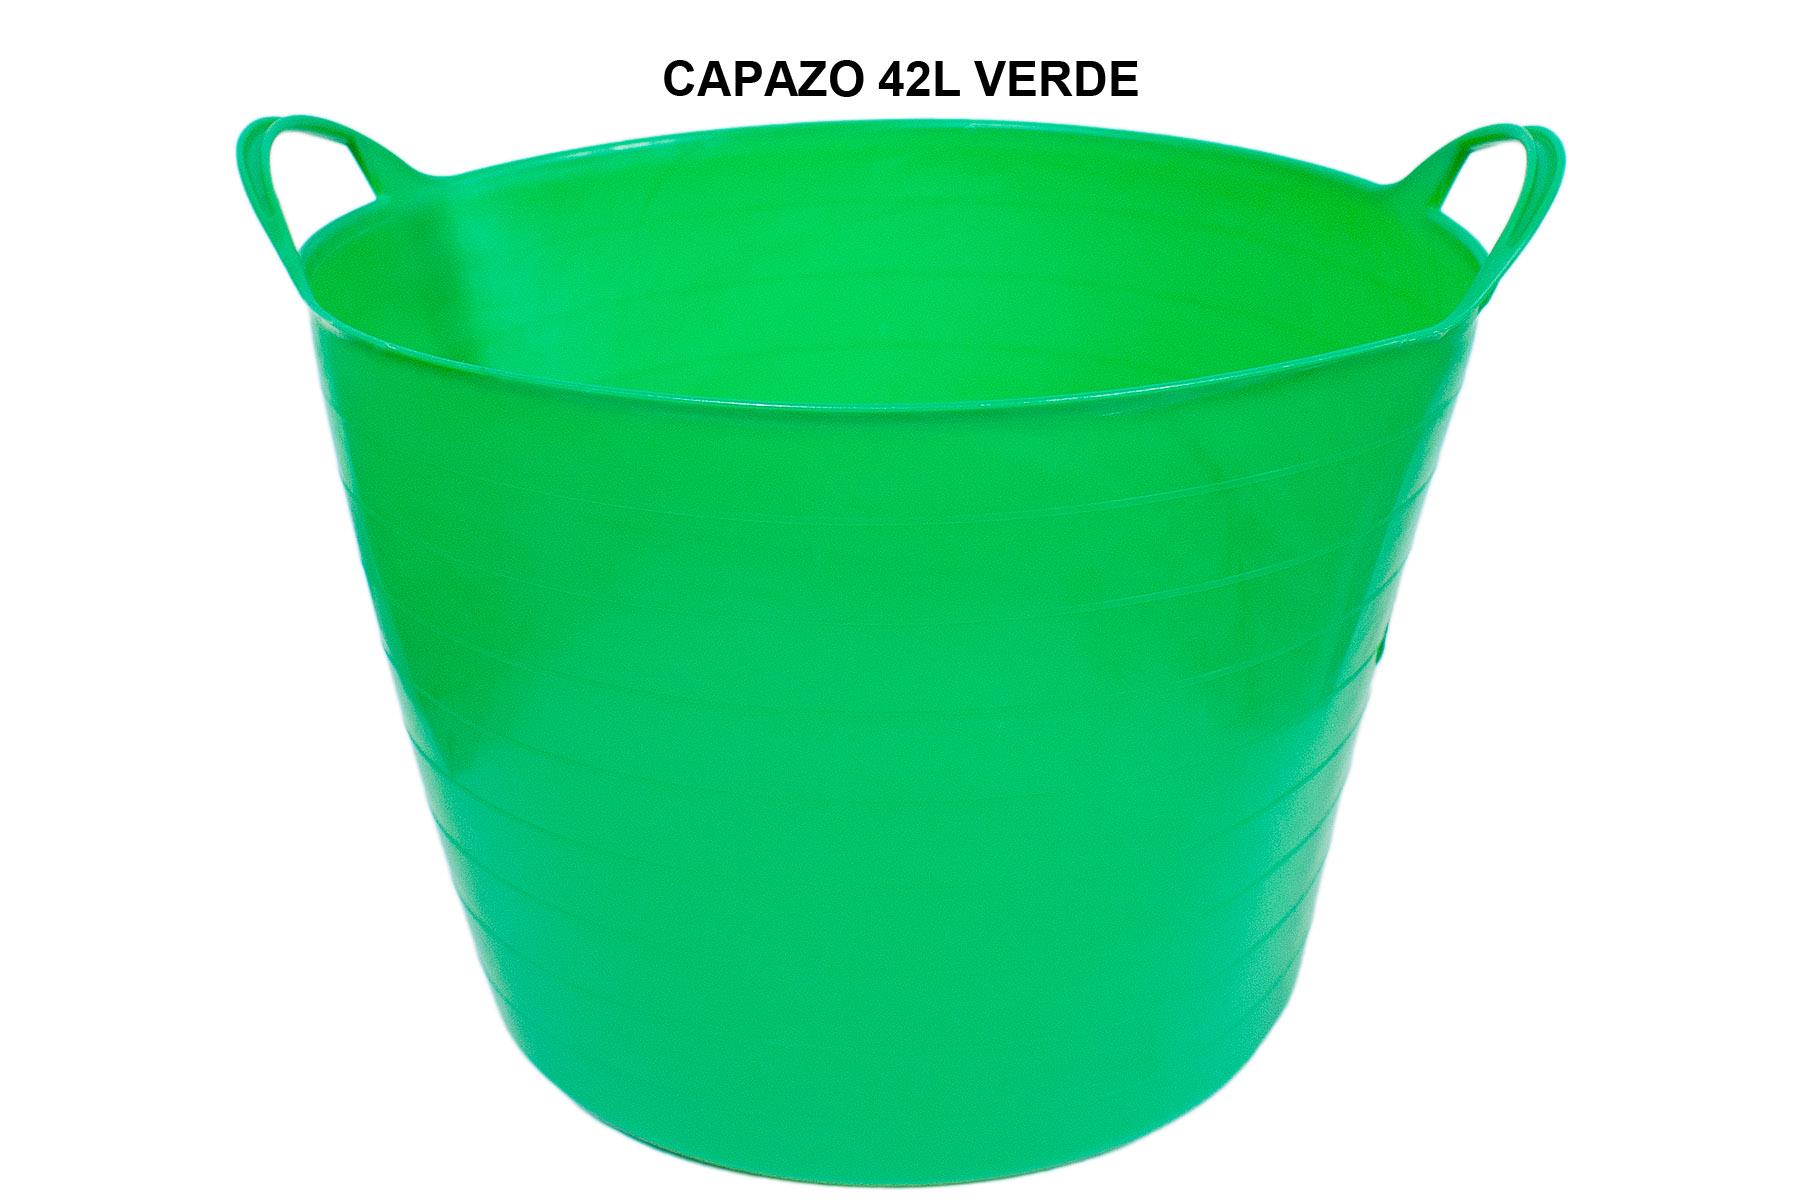 CAPAZO 42L VERDE